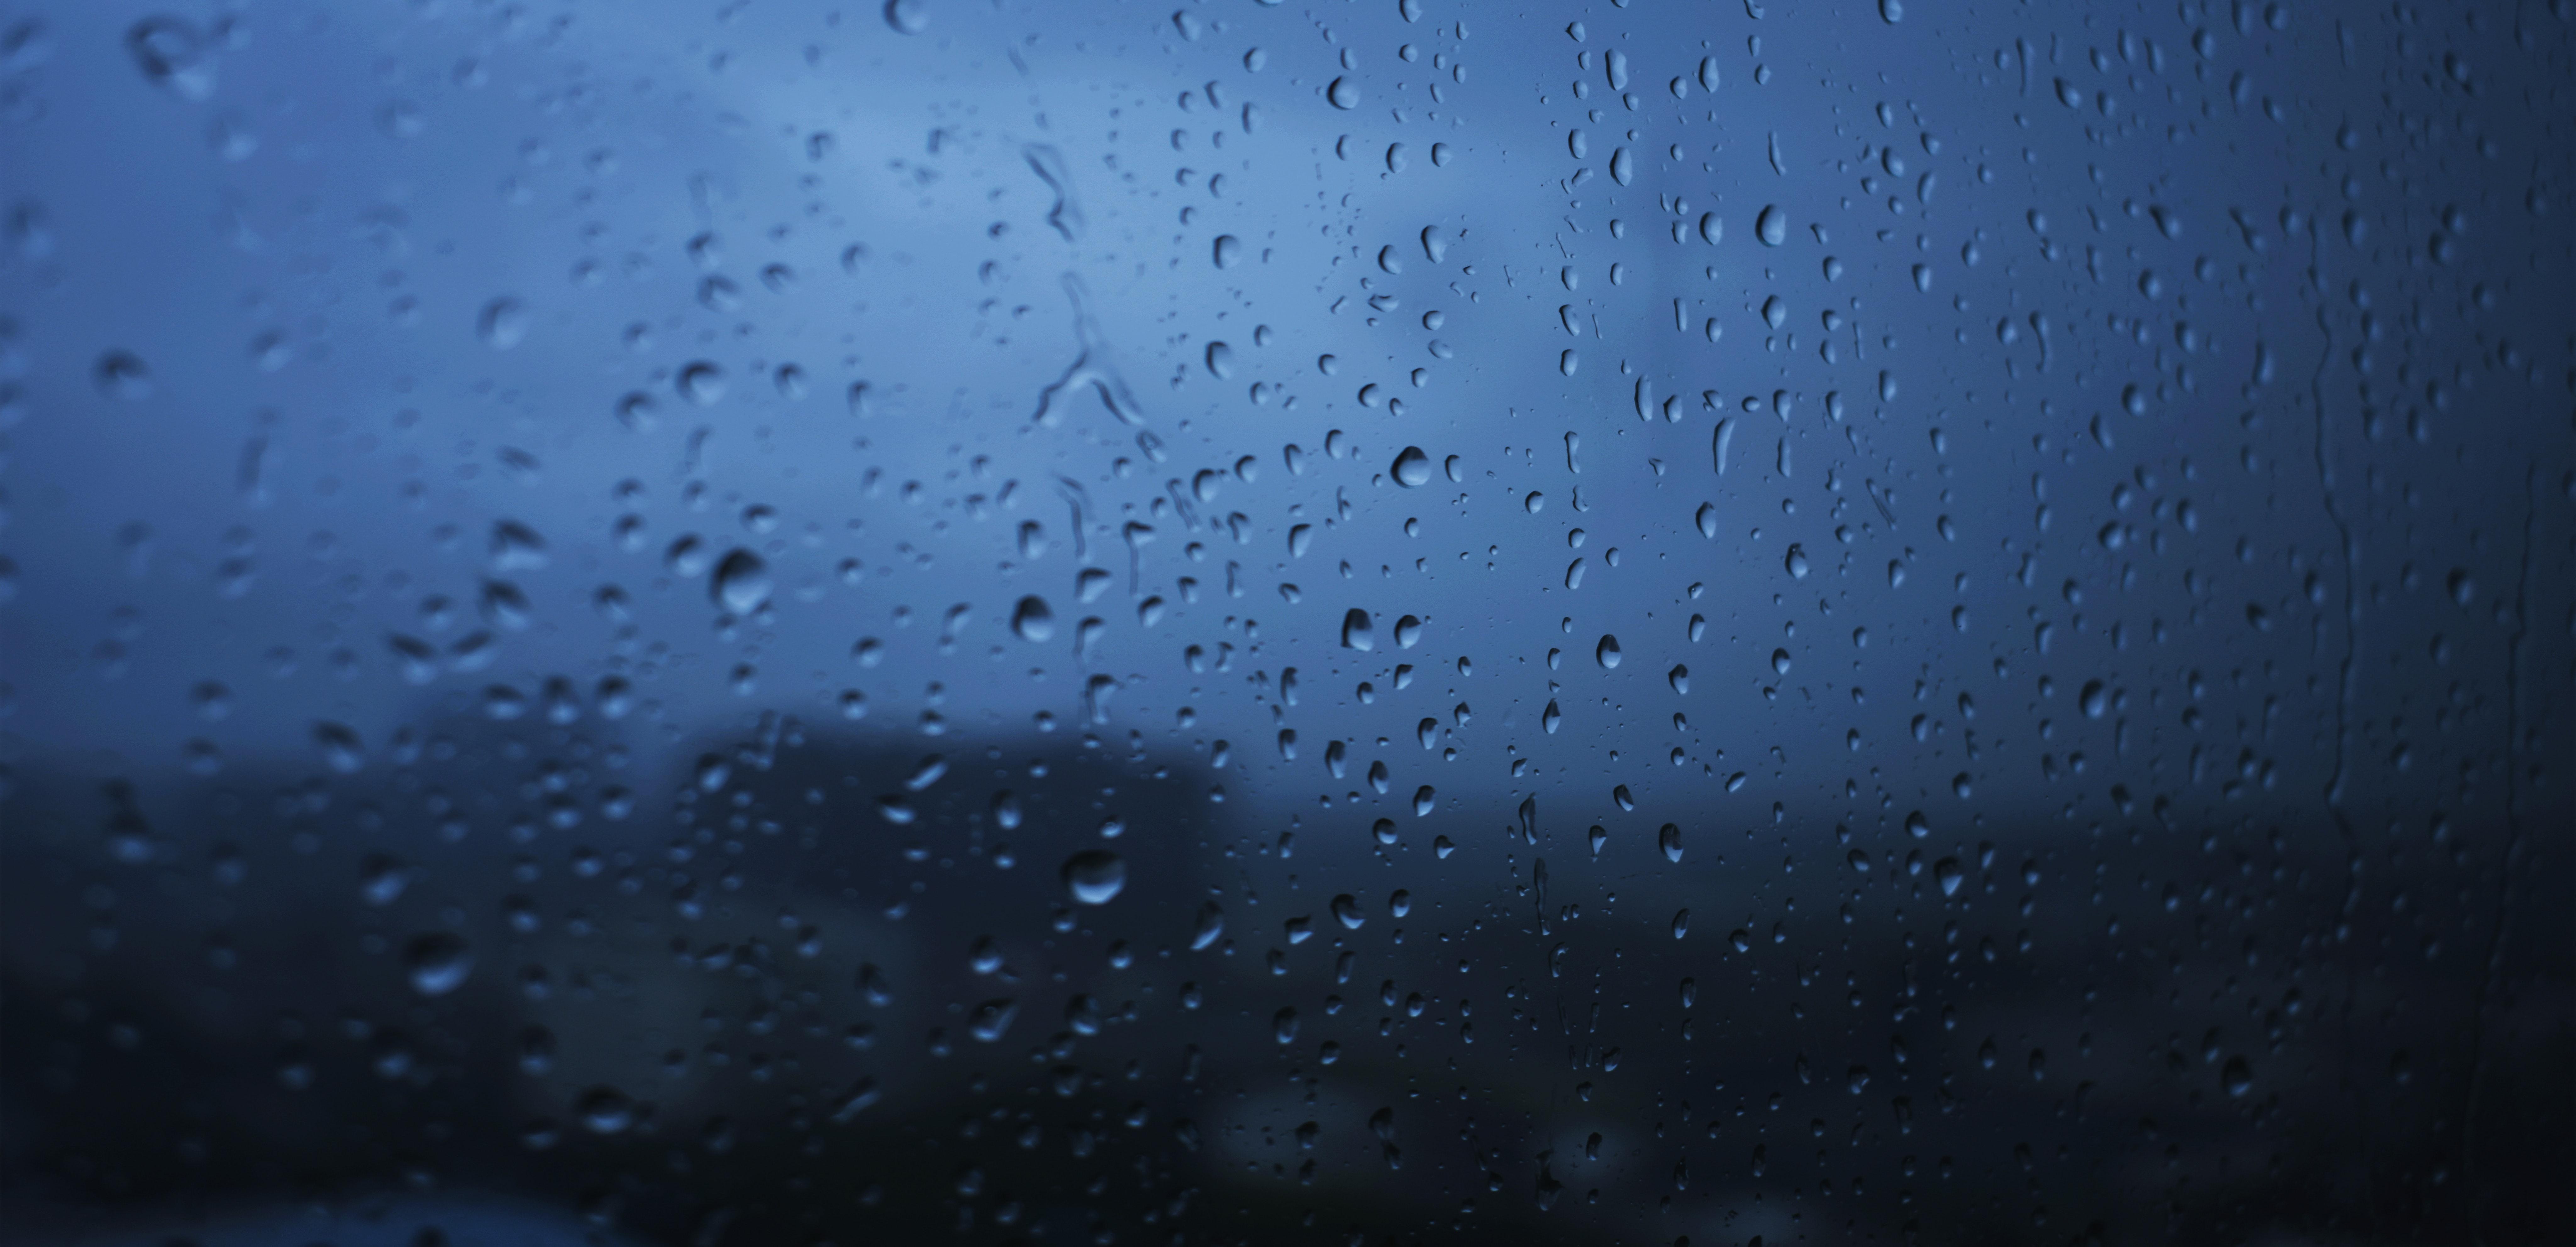 111209 скачать обои Макро, Стекло, Капли, Мокрый, Дождь, Прозрачный, Угрюмый, Окно - заставки и картинки бесплатно